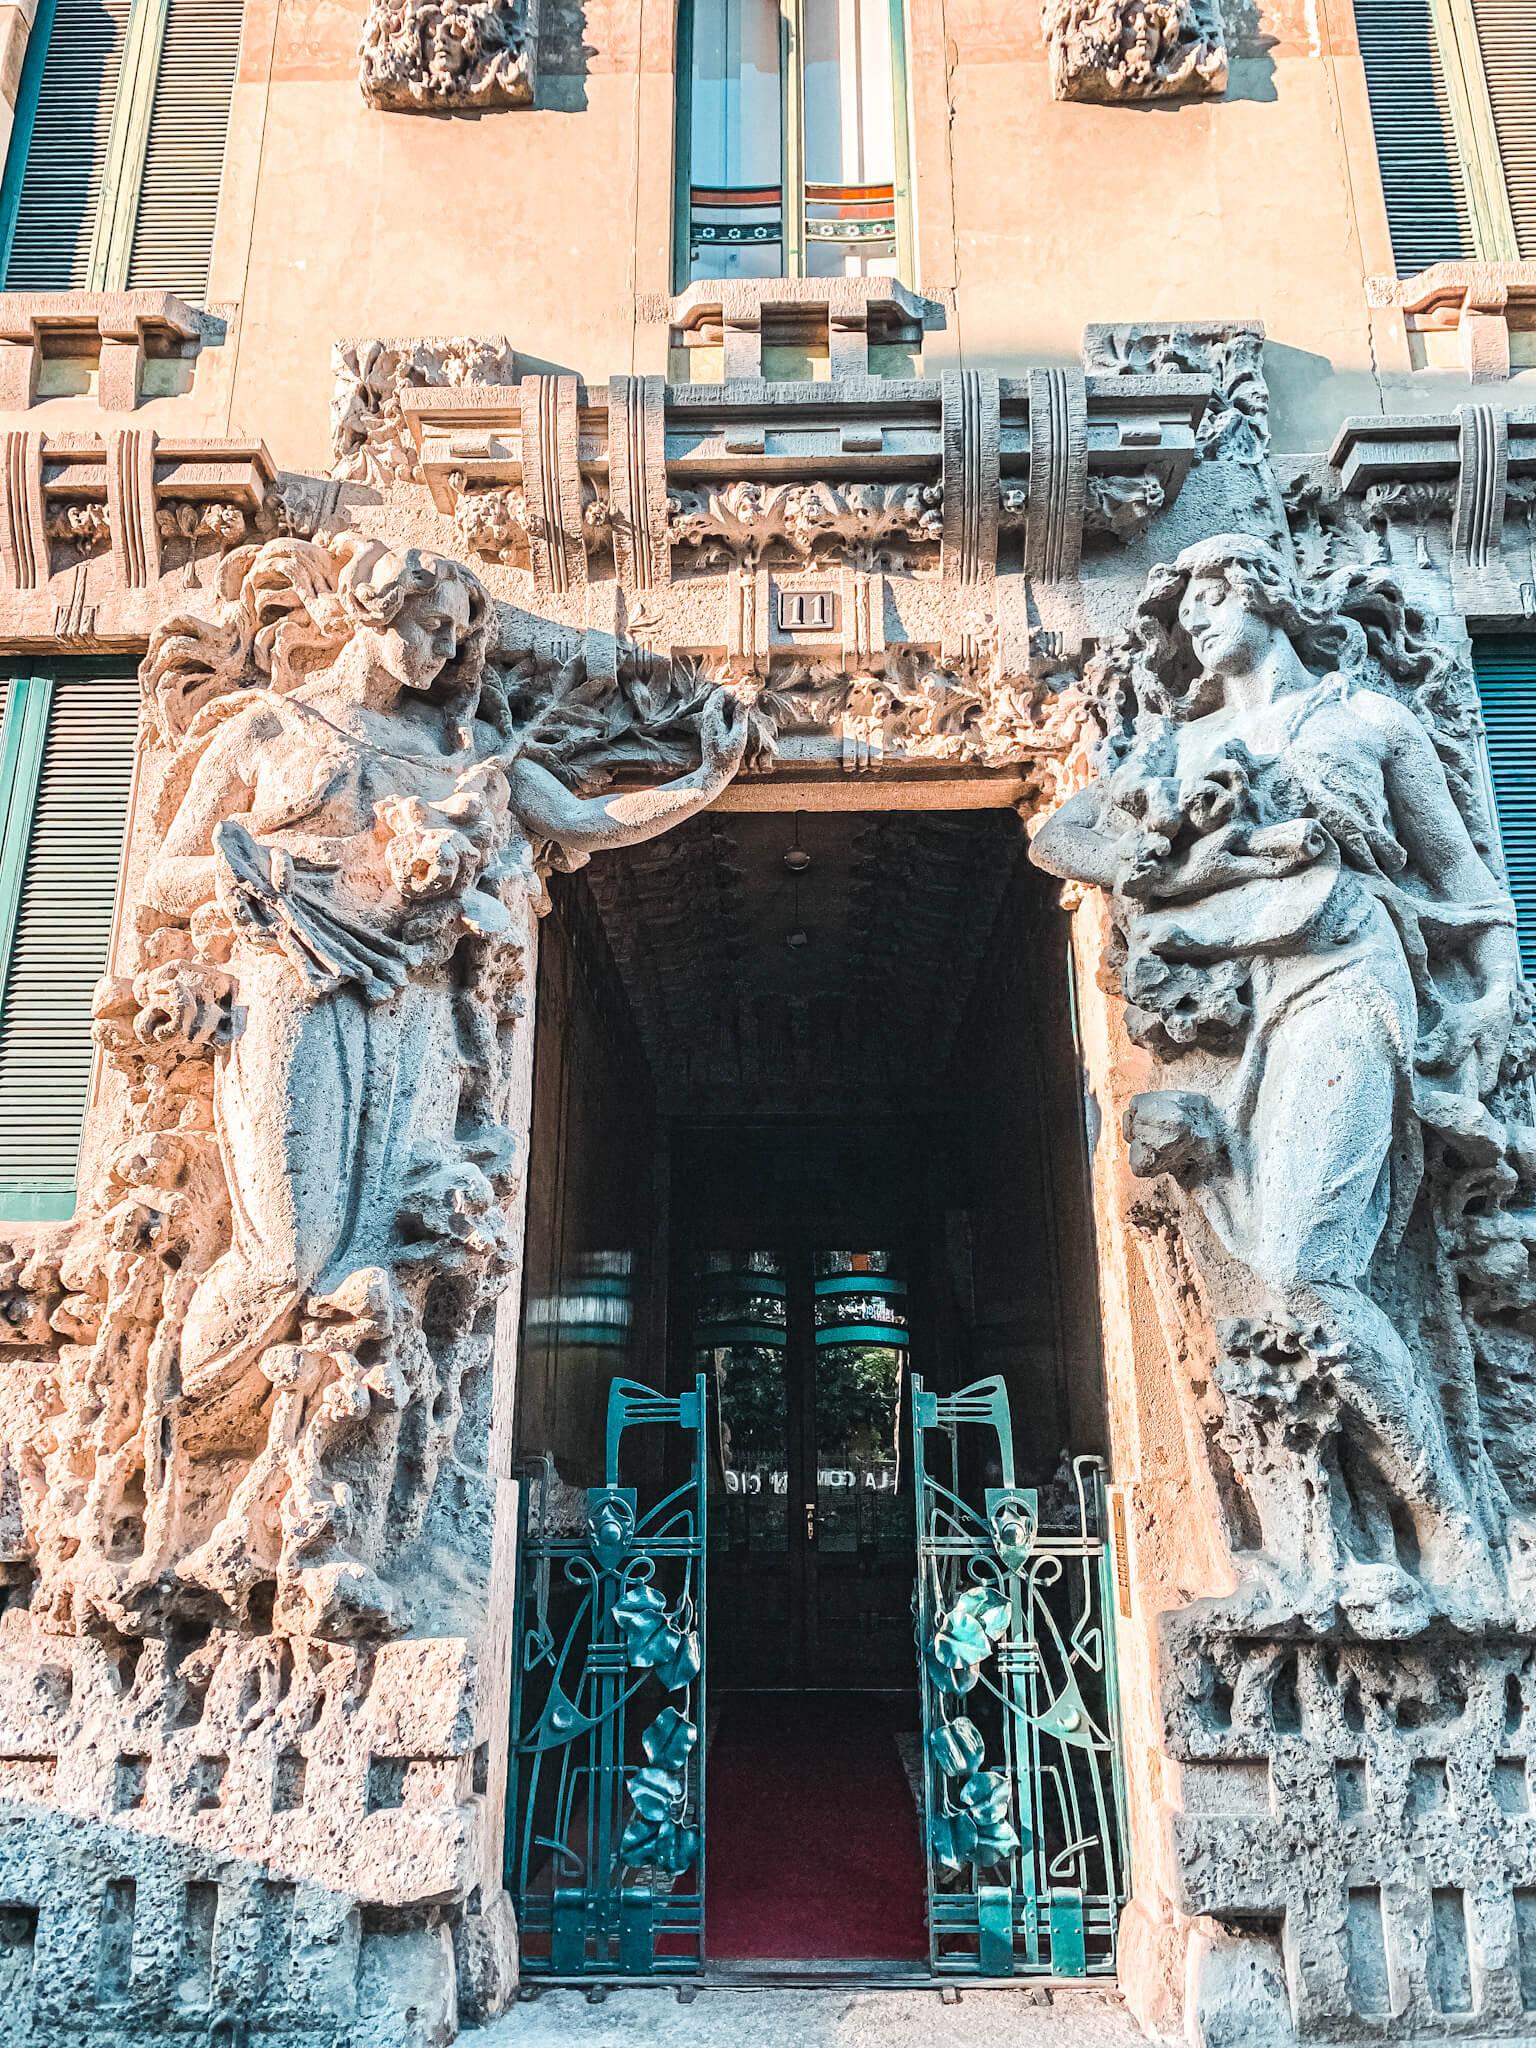 cosa vedere a porta venezia milano